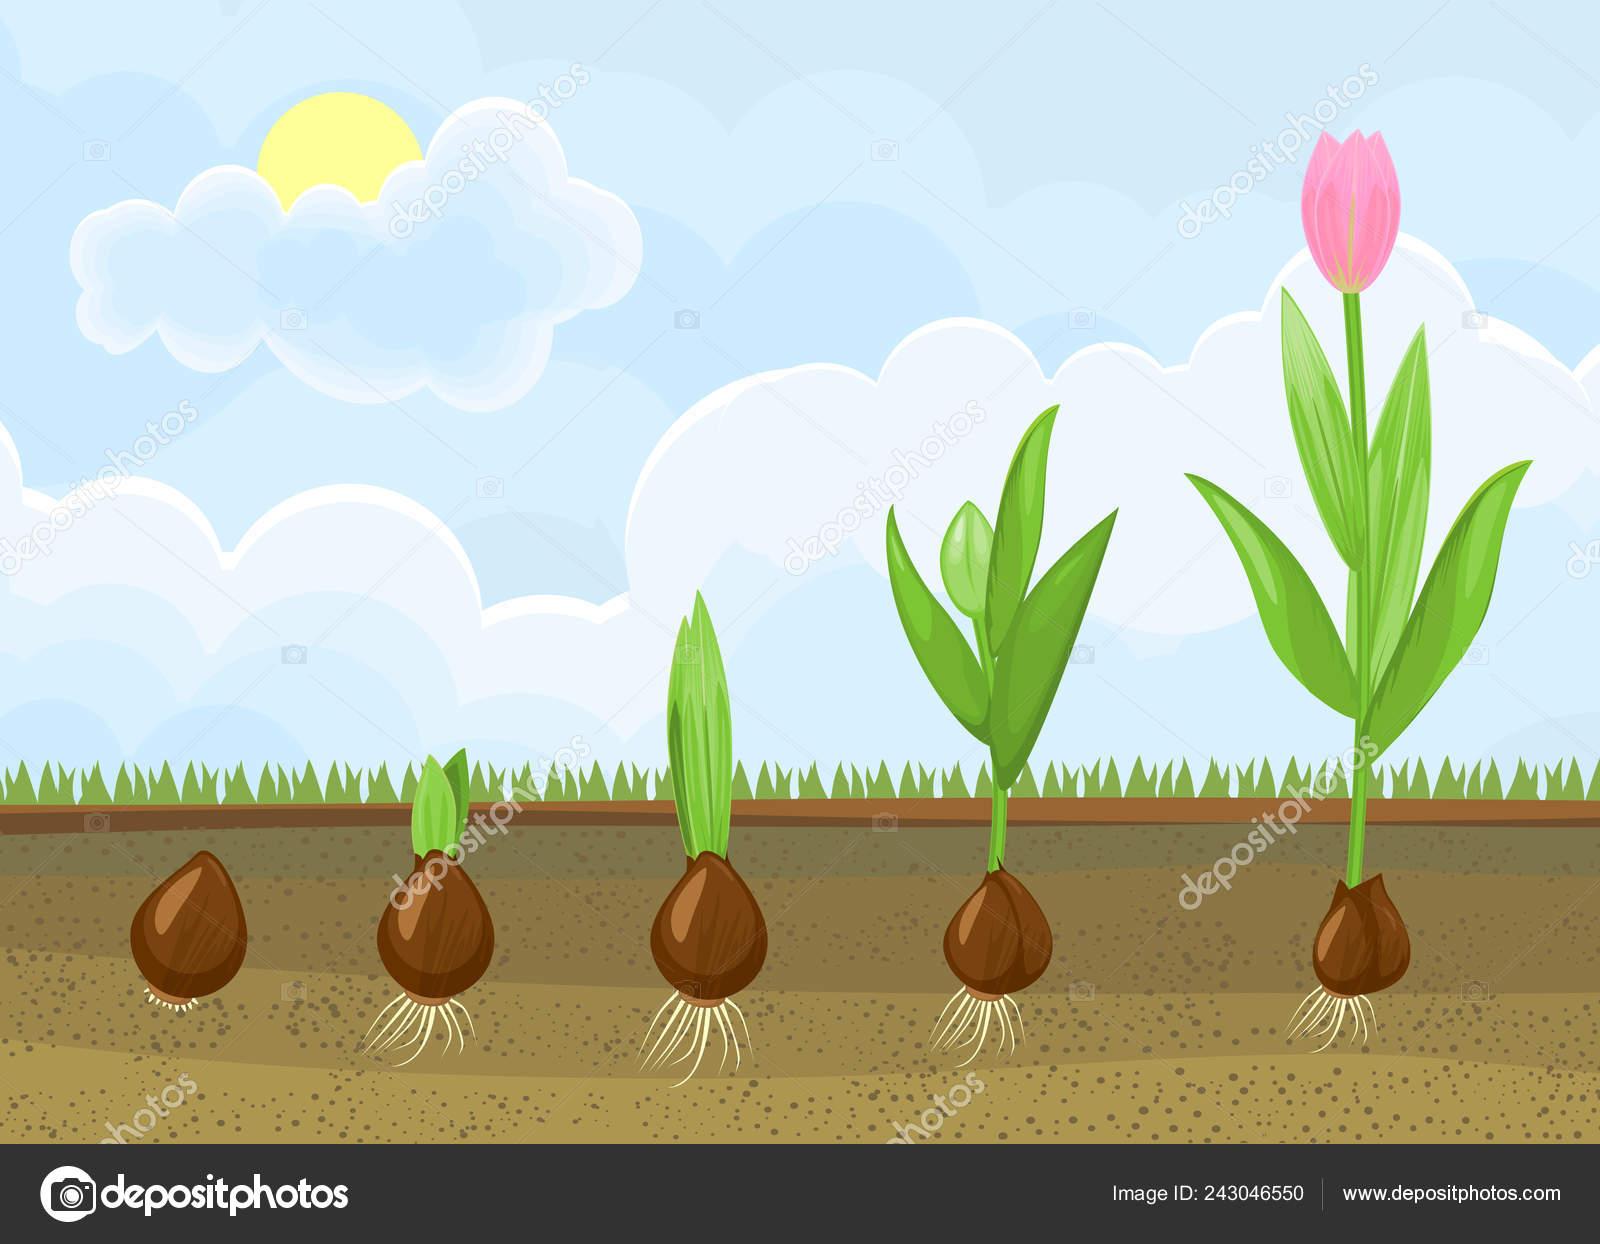 Ciclo Vida Planta Tulipan Etapas Crecimiento Del Bulbo